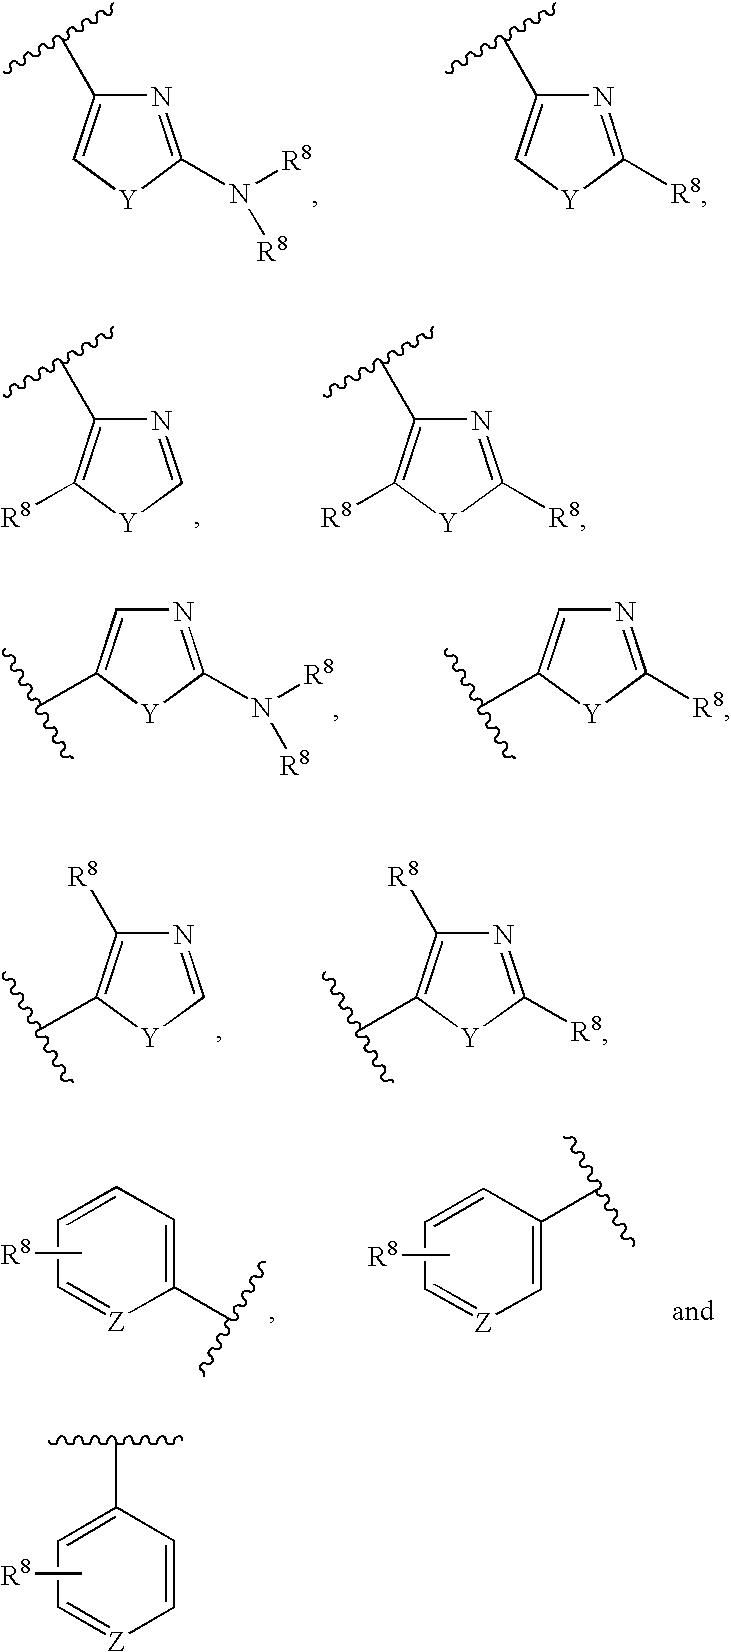 Figure US20060276404A1-20061207-C00182